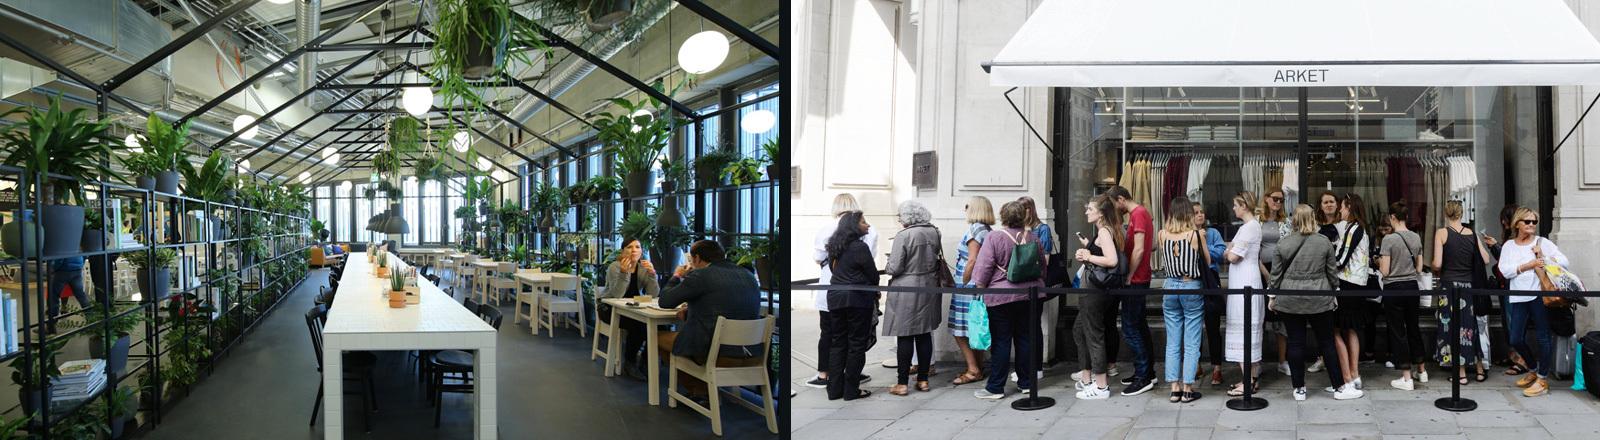 Restaurant im nachhaltigsten Ikea weltweit in Kaarst und Schlange vor einem Arket-Laden in London.